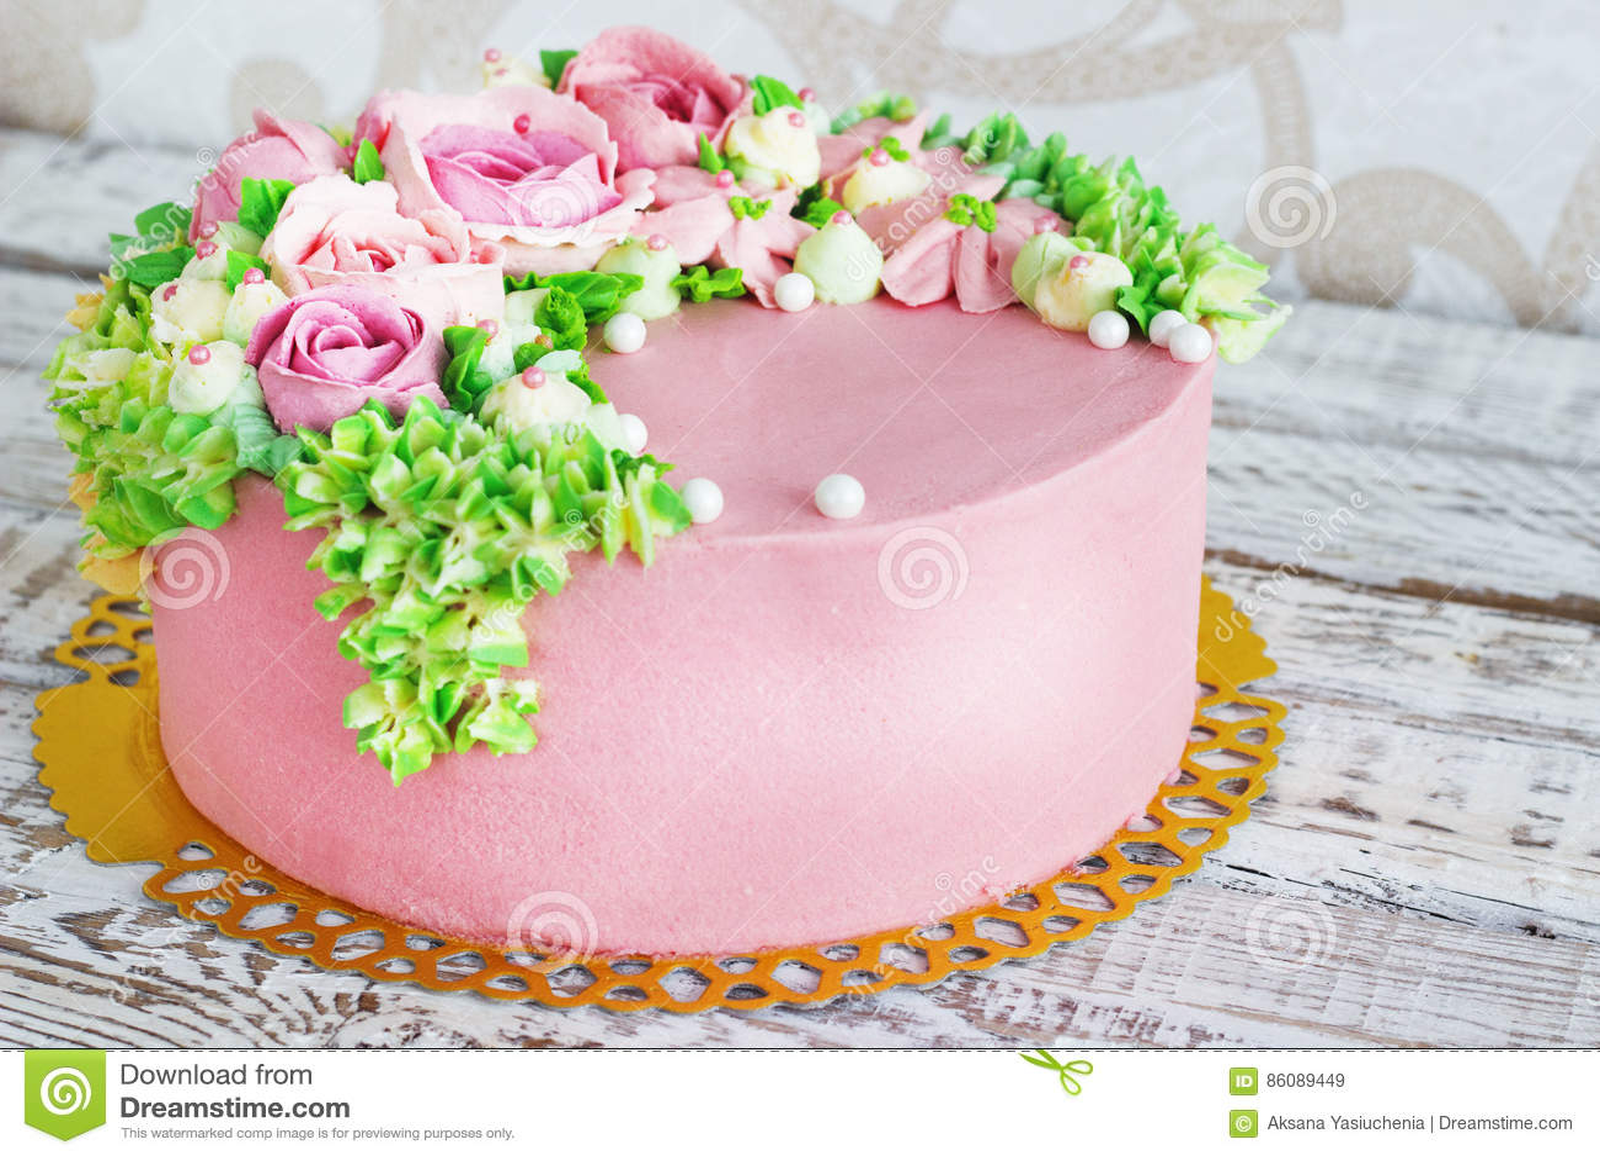 La torta di compleanno con i fiori aumentato su fondo for Fiori con la e